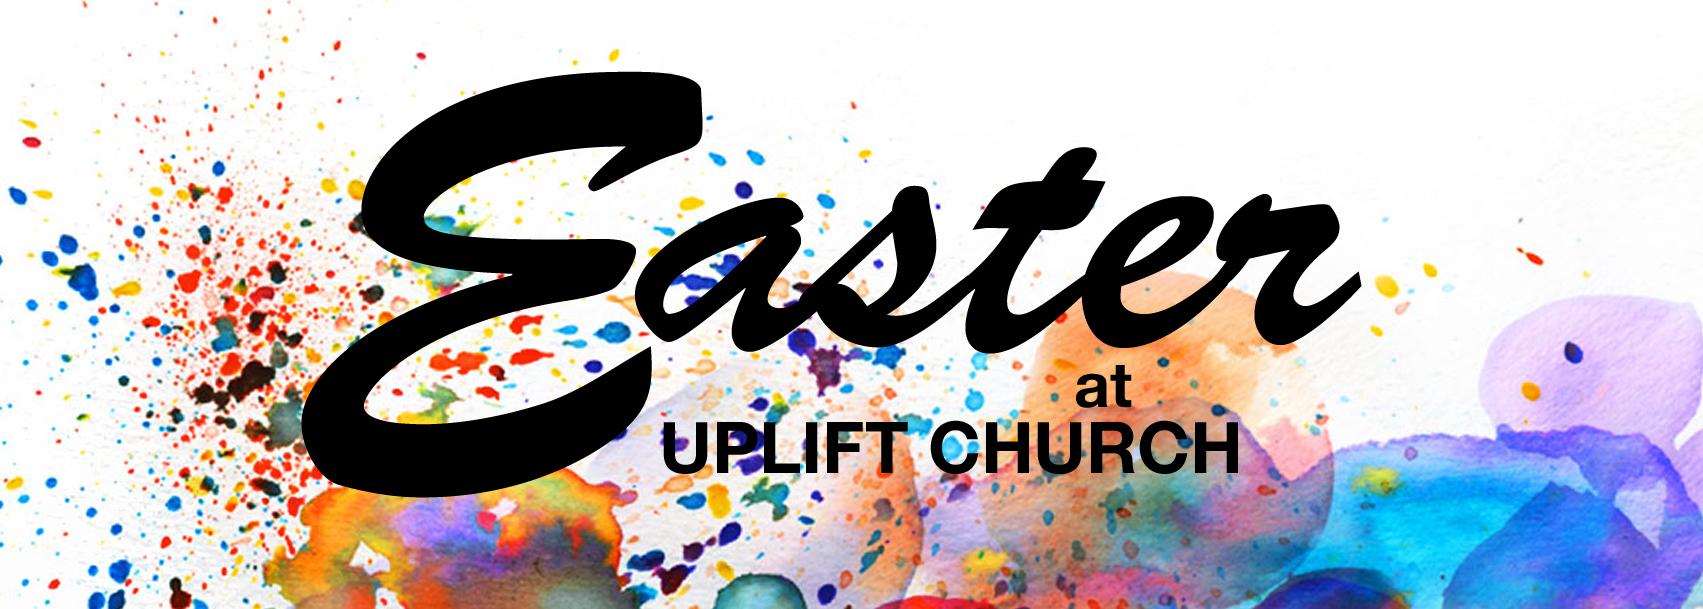 facebookCover_Easter